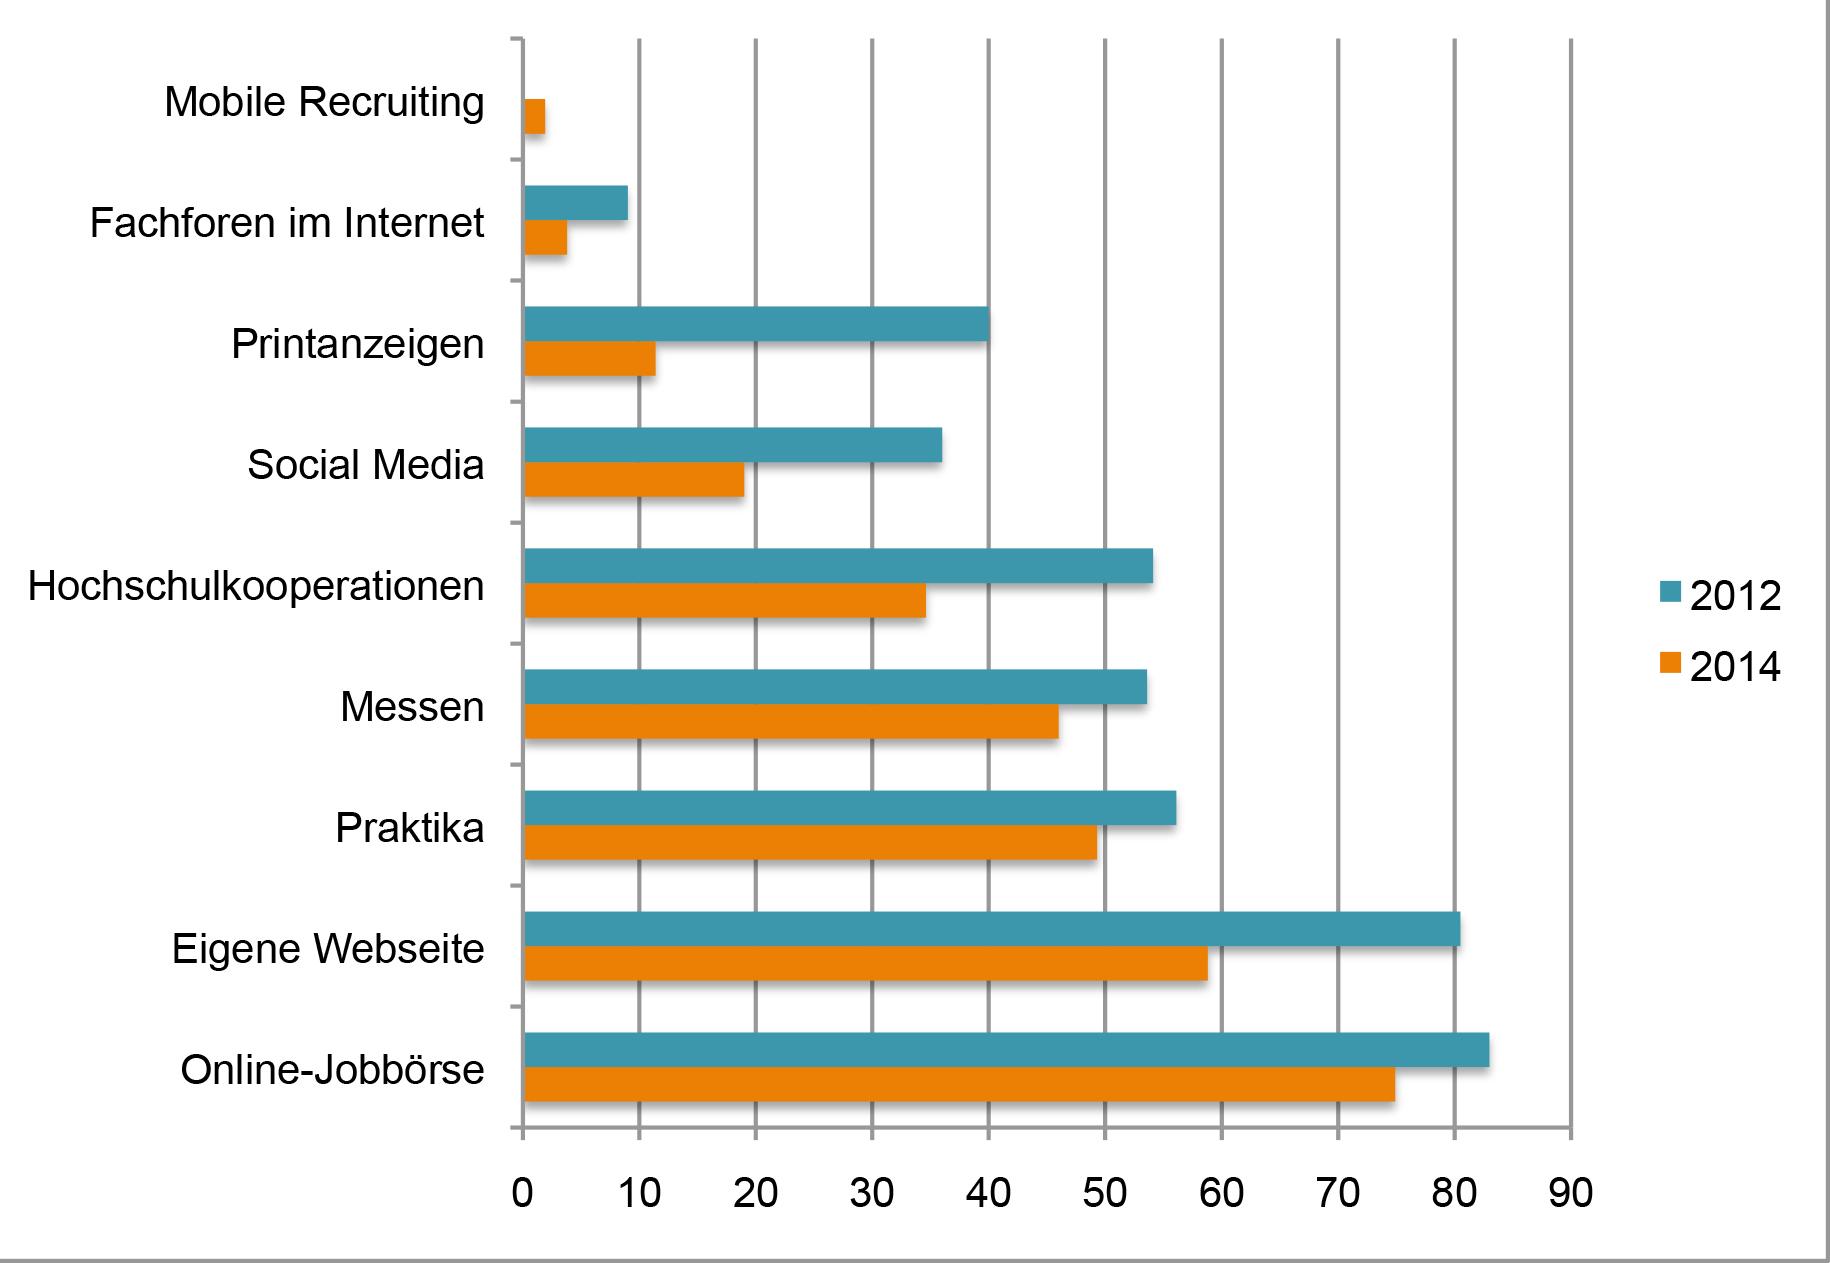 dieses-diagramm-zeigt-die-kanaele-von-recruiting